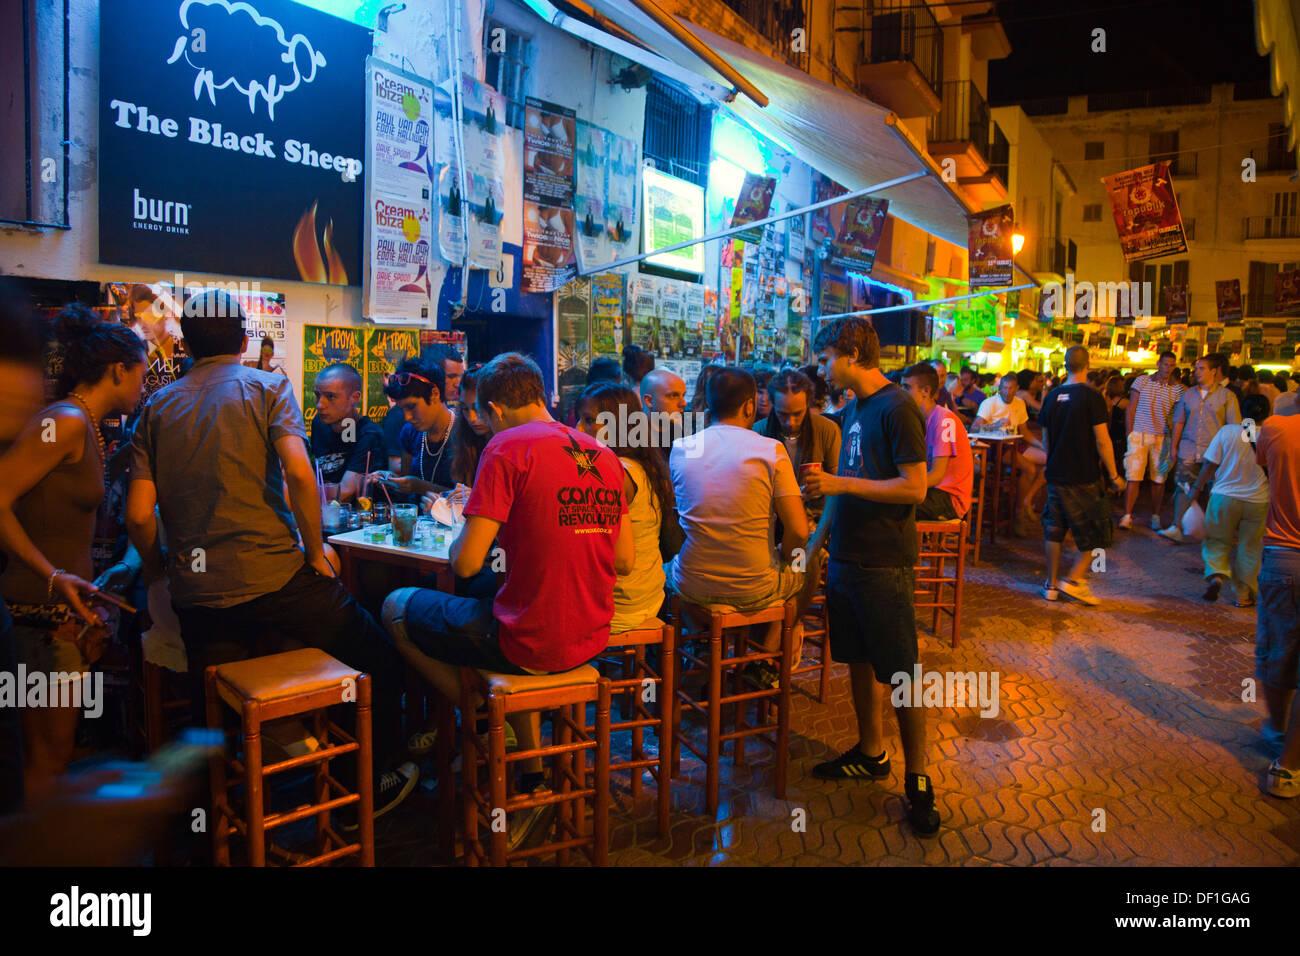 Su ambiente nocturno en La Marina Barrio. La ciudad de Ibiza. Ibiza. Islas Baleares. España. Imagen De Stock